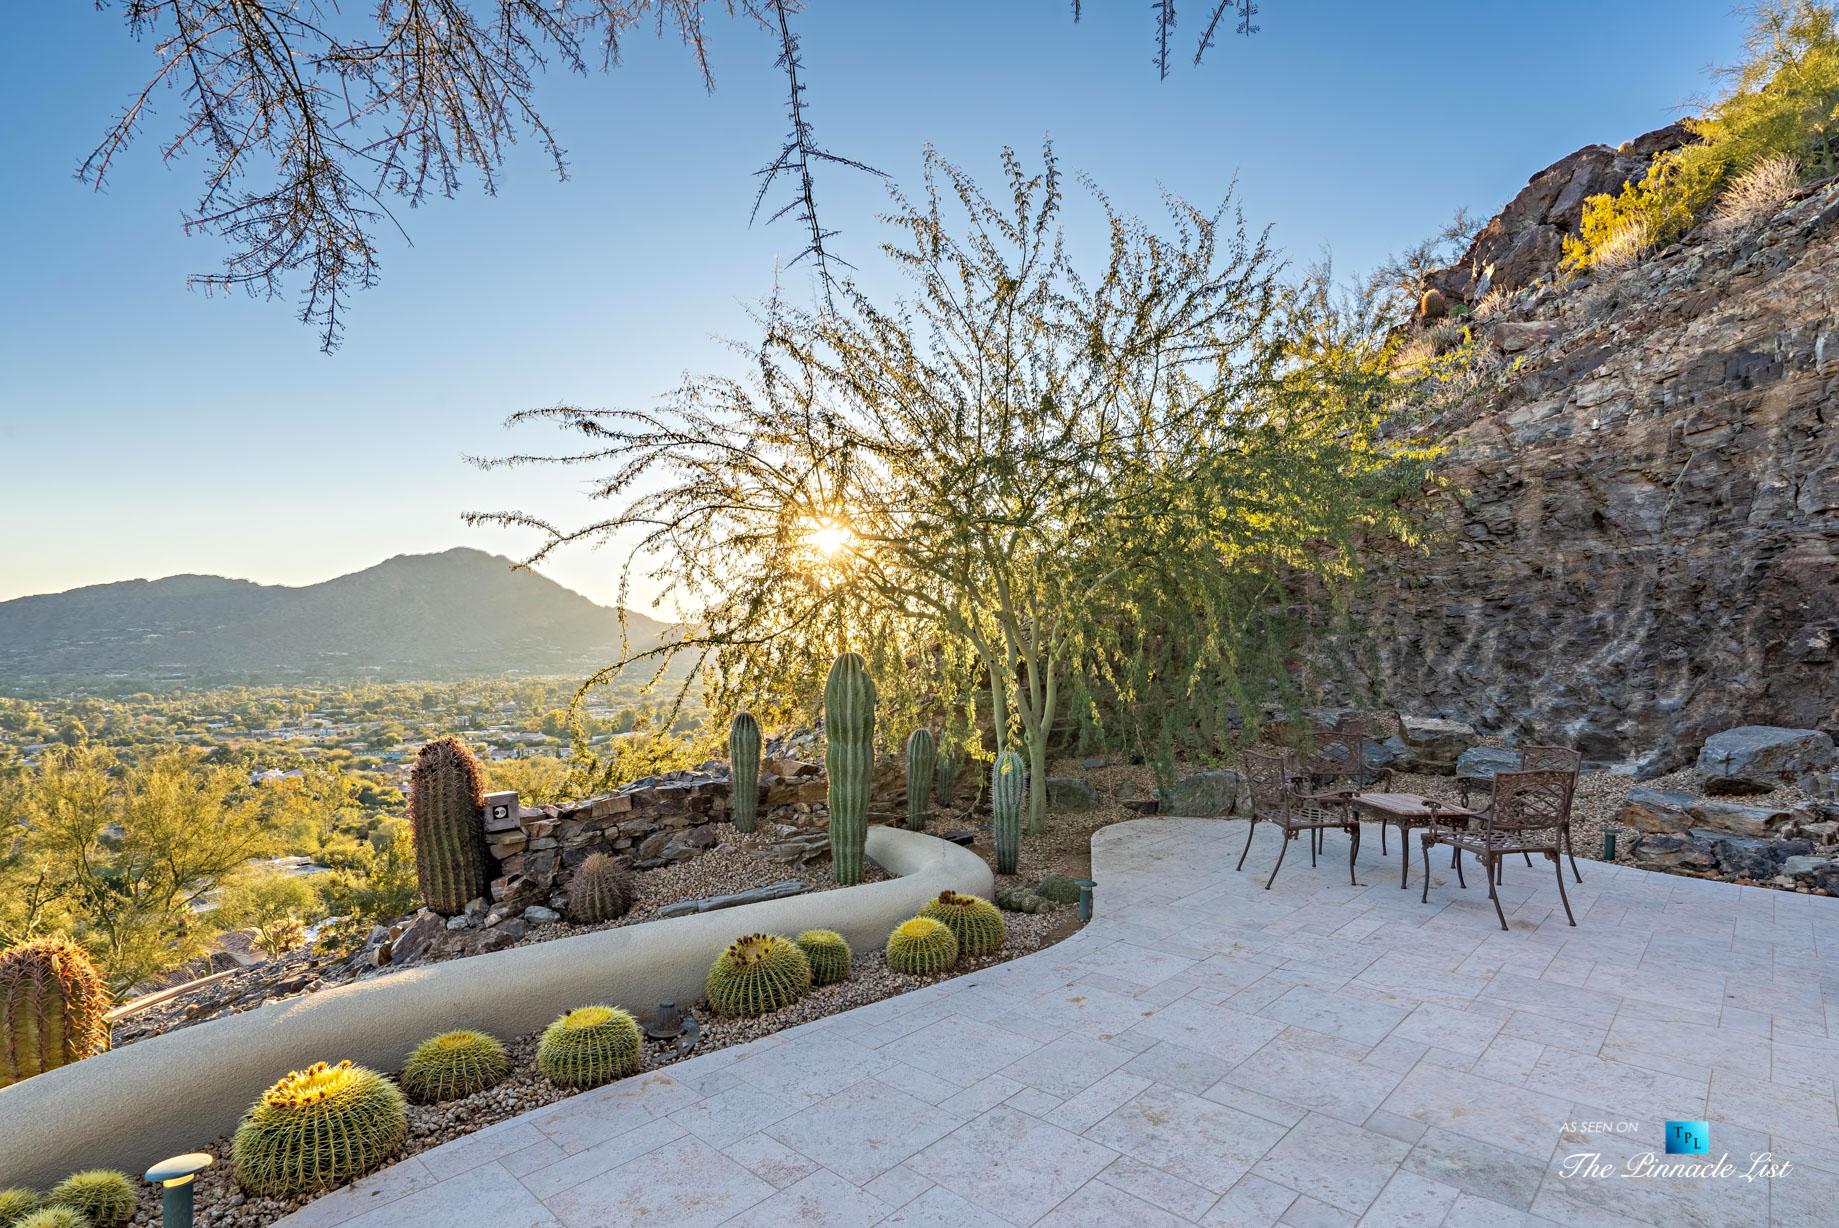 Eagle's Nest - 7011 N Invergordon Rd, Paradise Valley, AZ, USA